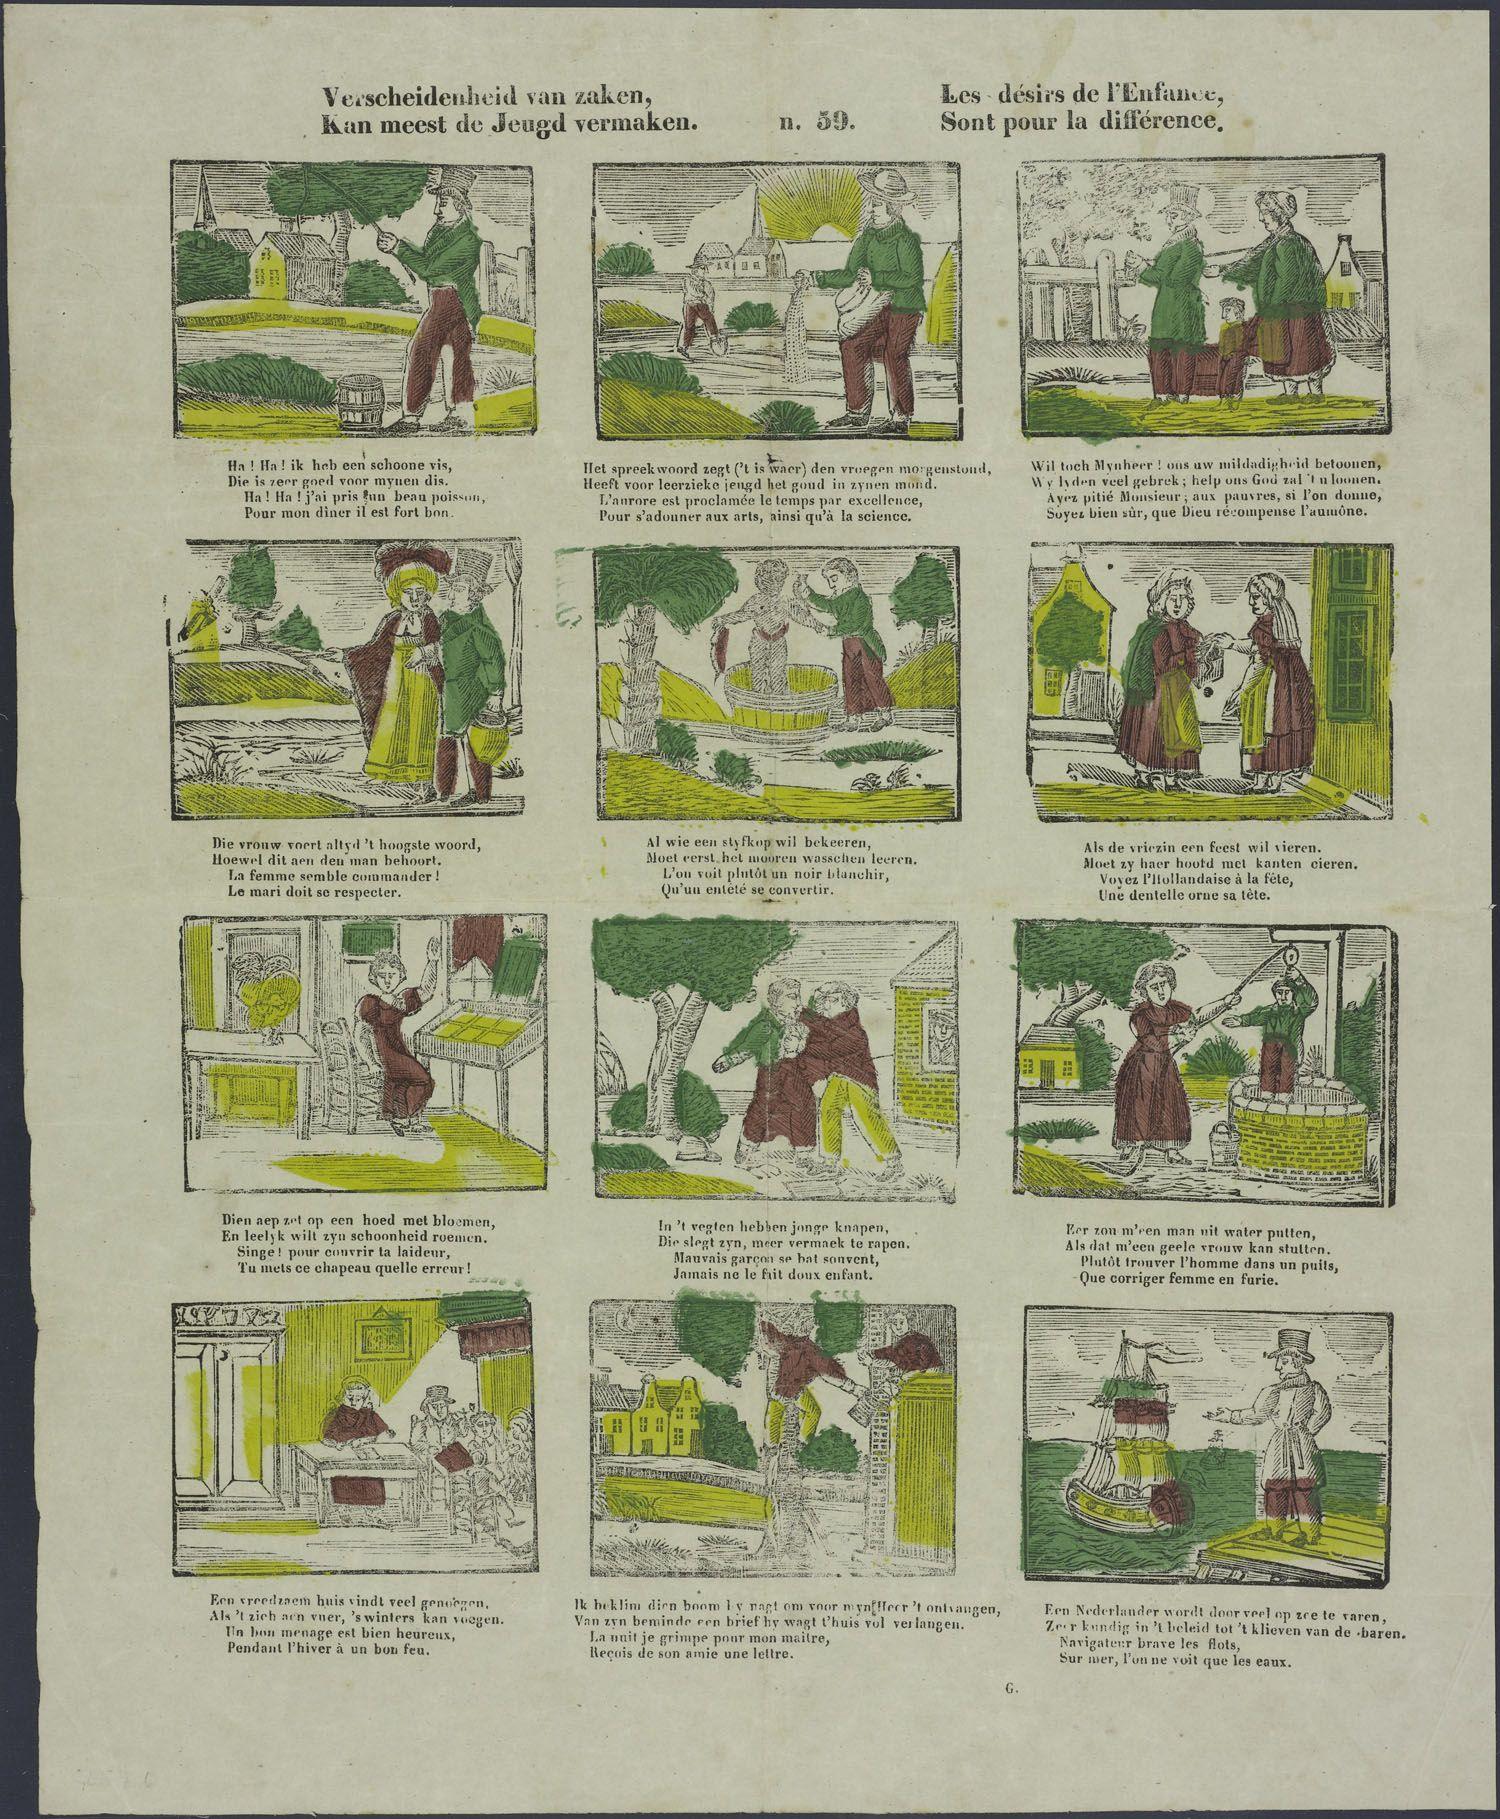 Verscheidenheid van zaken, Kan meest de jeugd vermaken, uitgever Glenisson en Van Genechten. 1833-1856 Centsprent met 4 x 3 houtsneden, afbeeldingen van vissen, zaaien, bedelaars, vrouw voert hoogste woord 'hoewel dit aen den man behoort' , spreekwoord 'al wie een stijfkop wil bekeeren, moet eerst het mooren wasschen leeren', Friezin in klederdracht, aap met hoed, jongens vechten, spreekwoord 'Eer zou m'een man uit water putten, als dat m'een geele vrouw zou stutten', etc. #Friesland